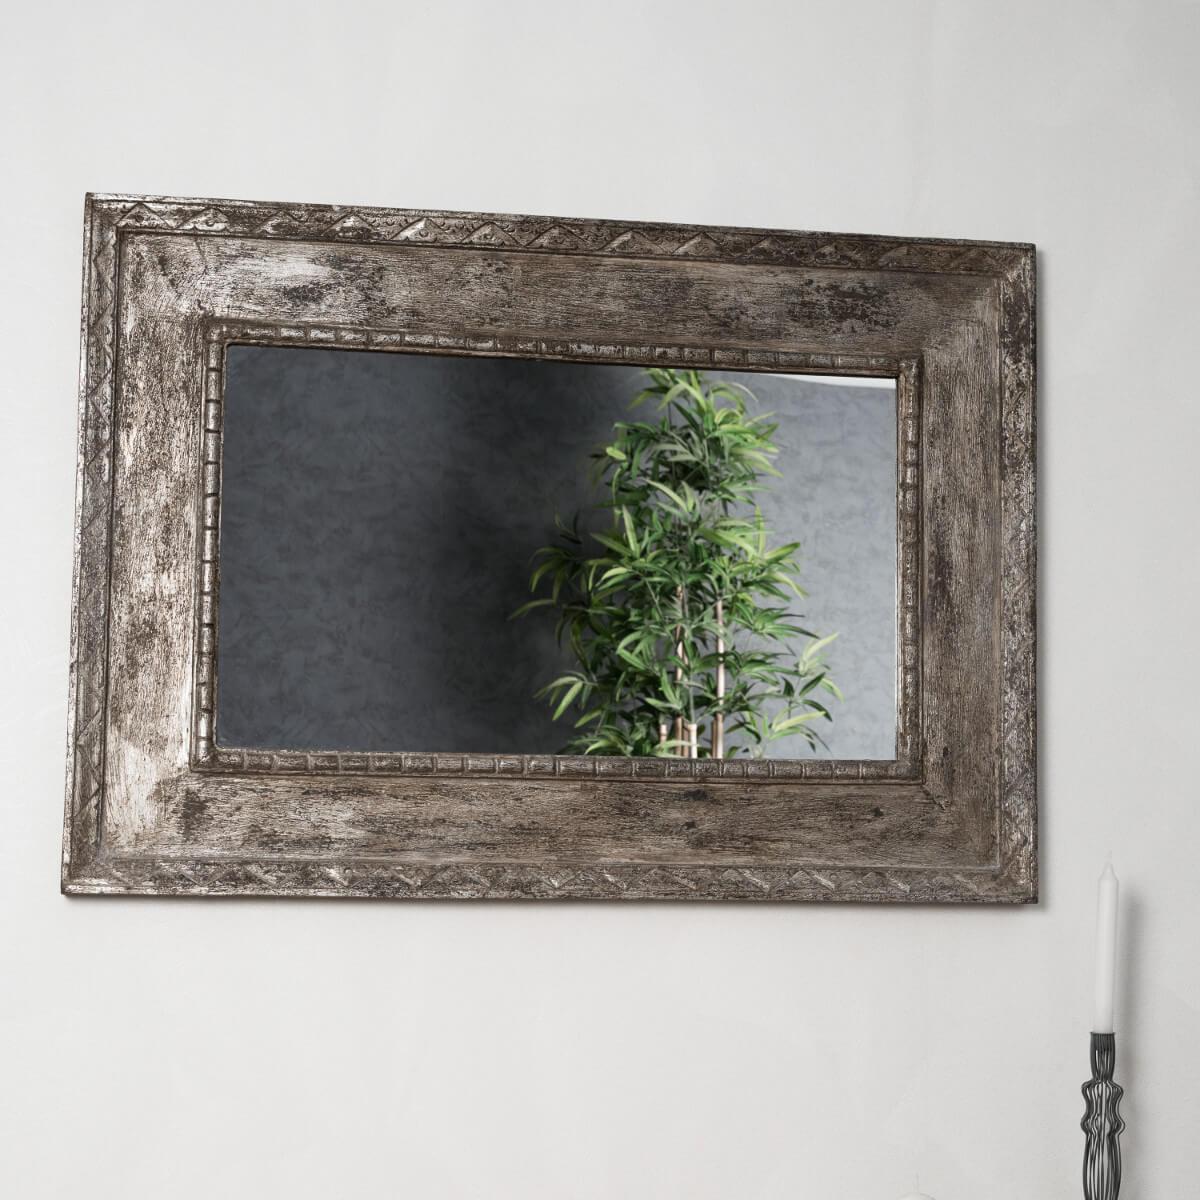 Miroir palerme en bois patin bronze c rus 100cm x 70cm for Peinture effet miroir